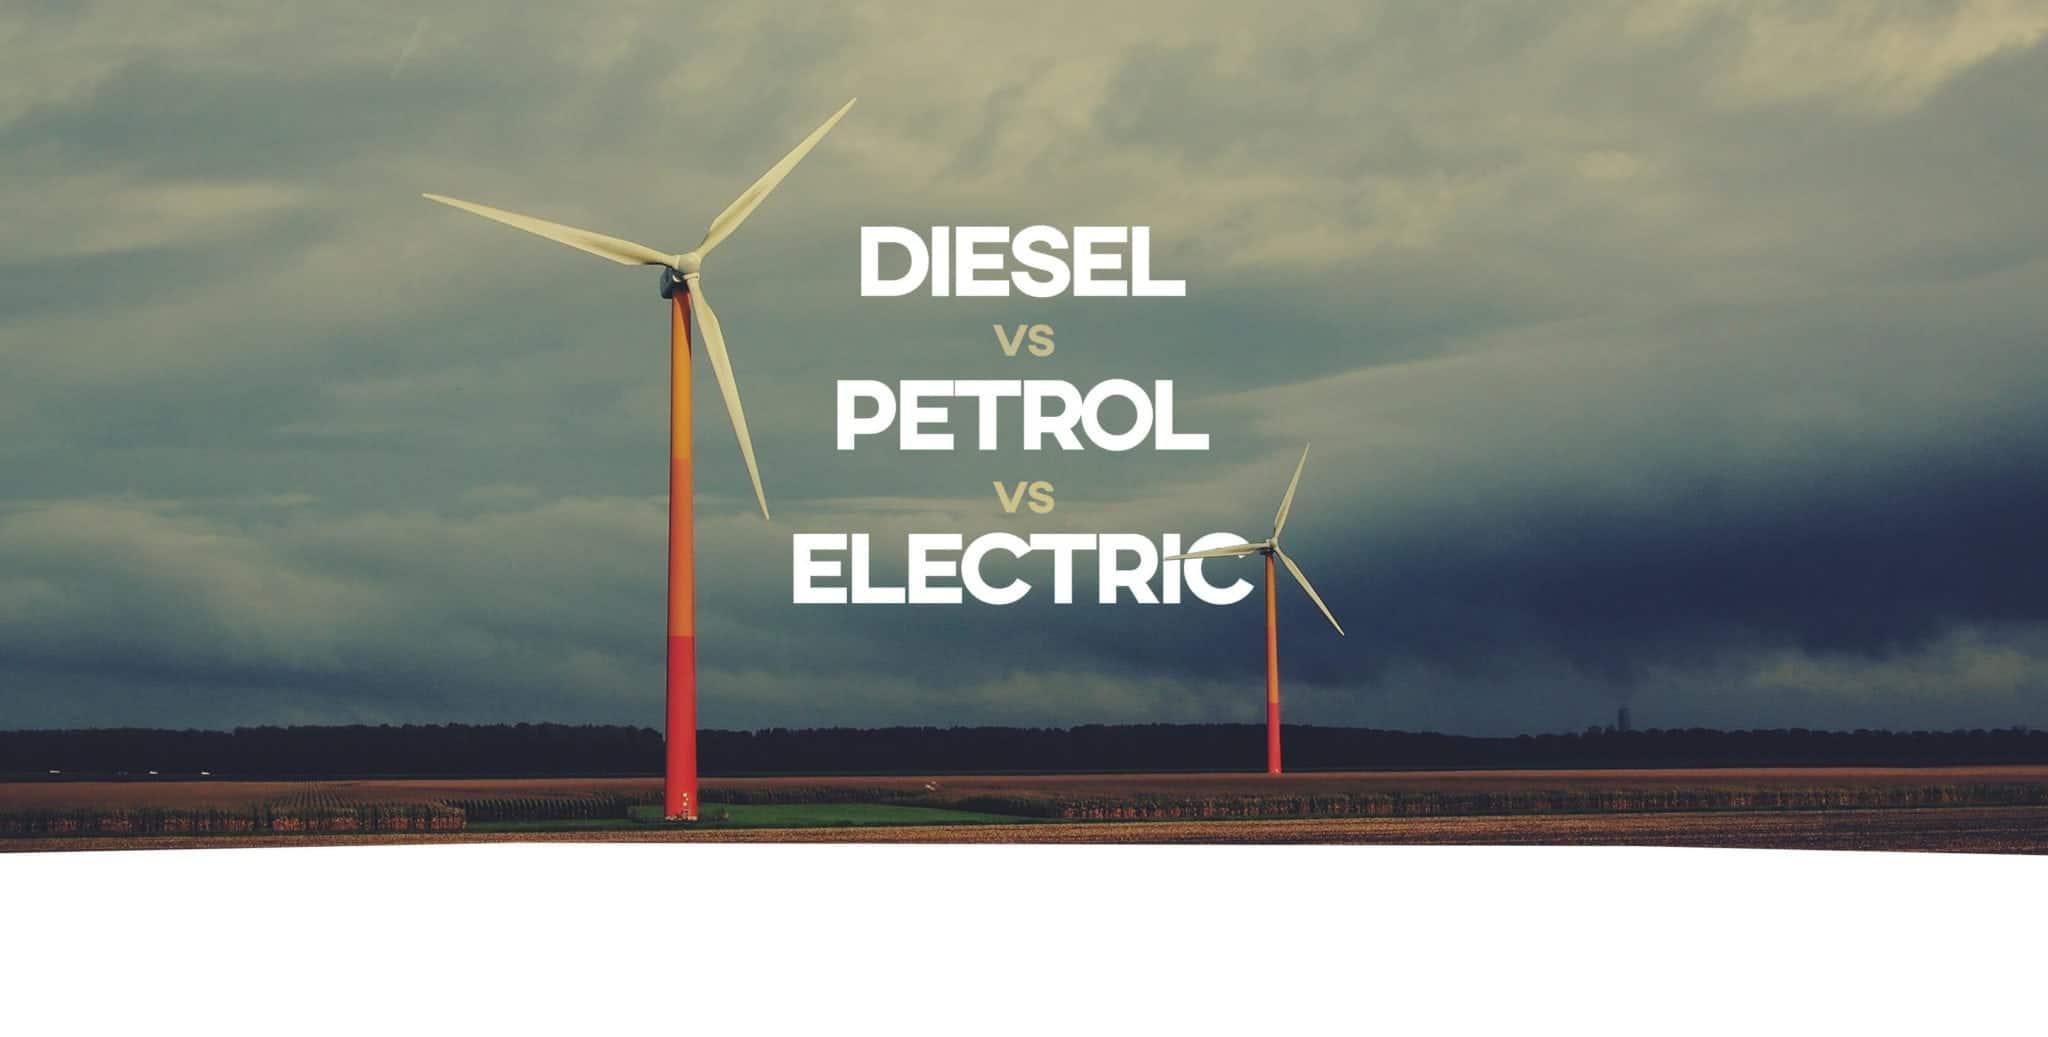 Diesel vs Petrol vs Electric